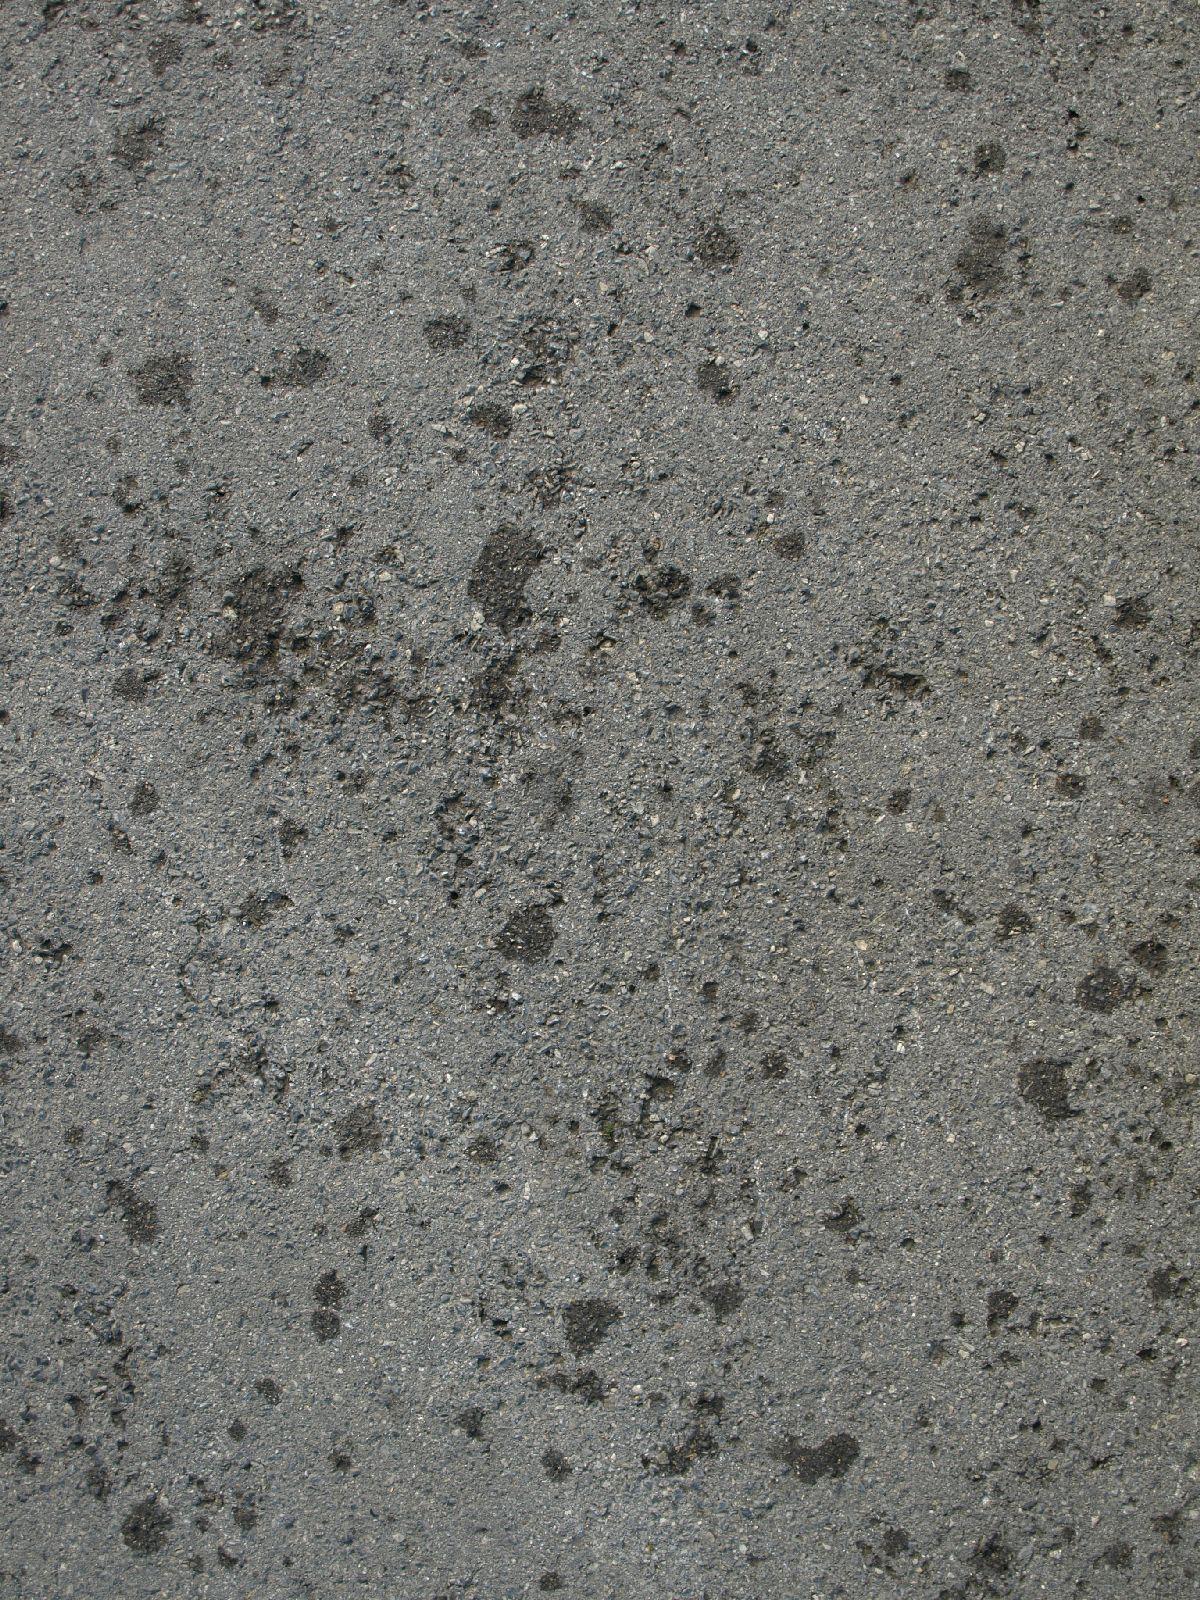 Ground-Urban_Texture_A_P8234618